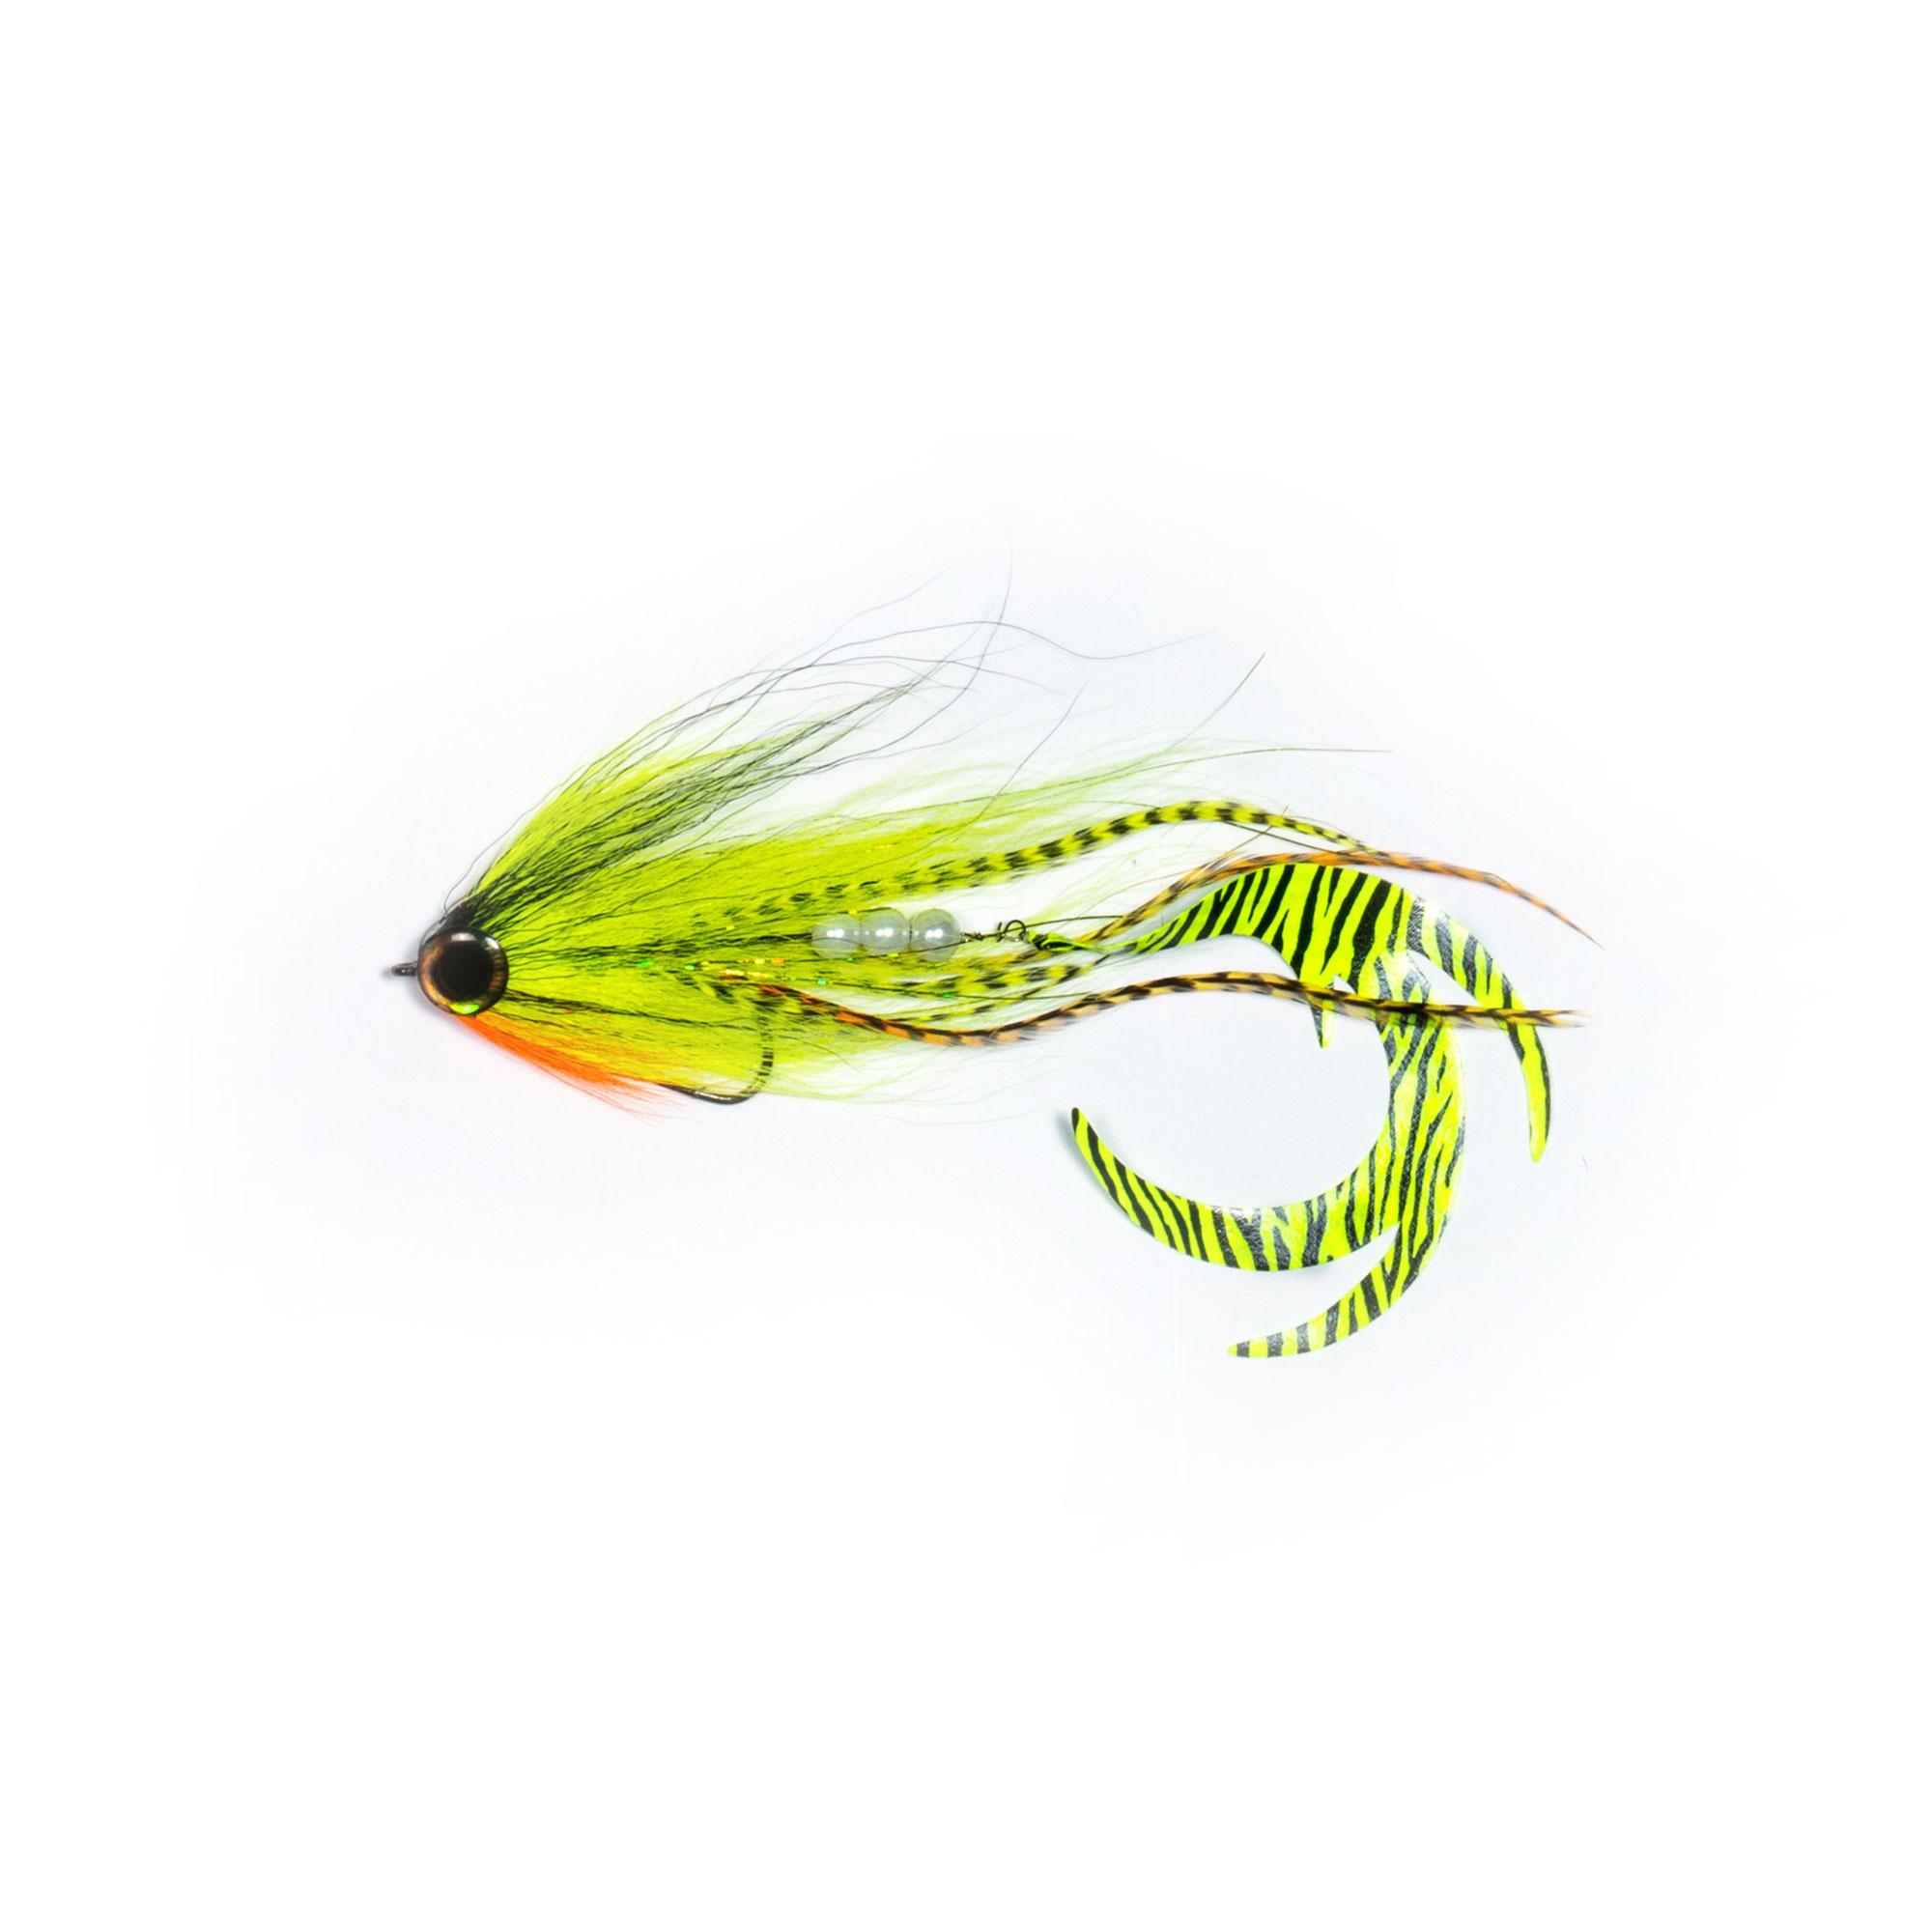 Ezee Bait - Chartreuse